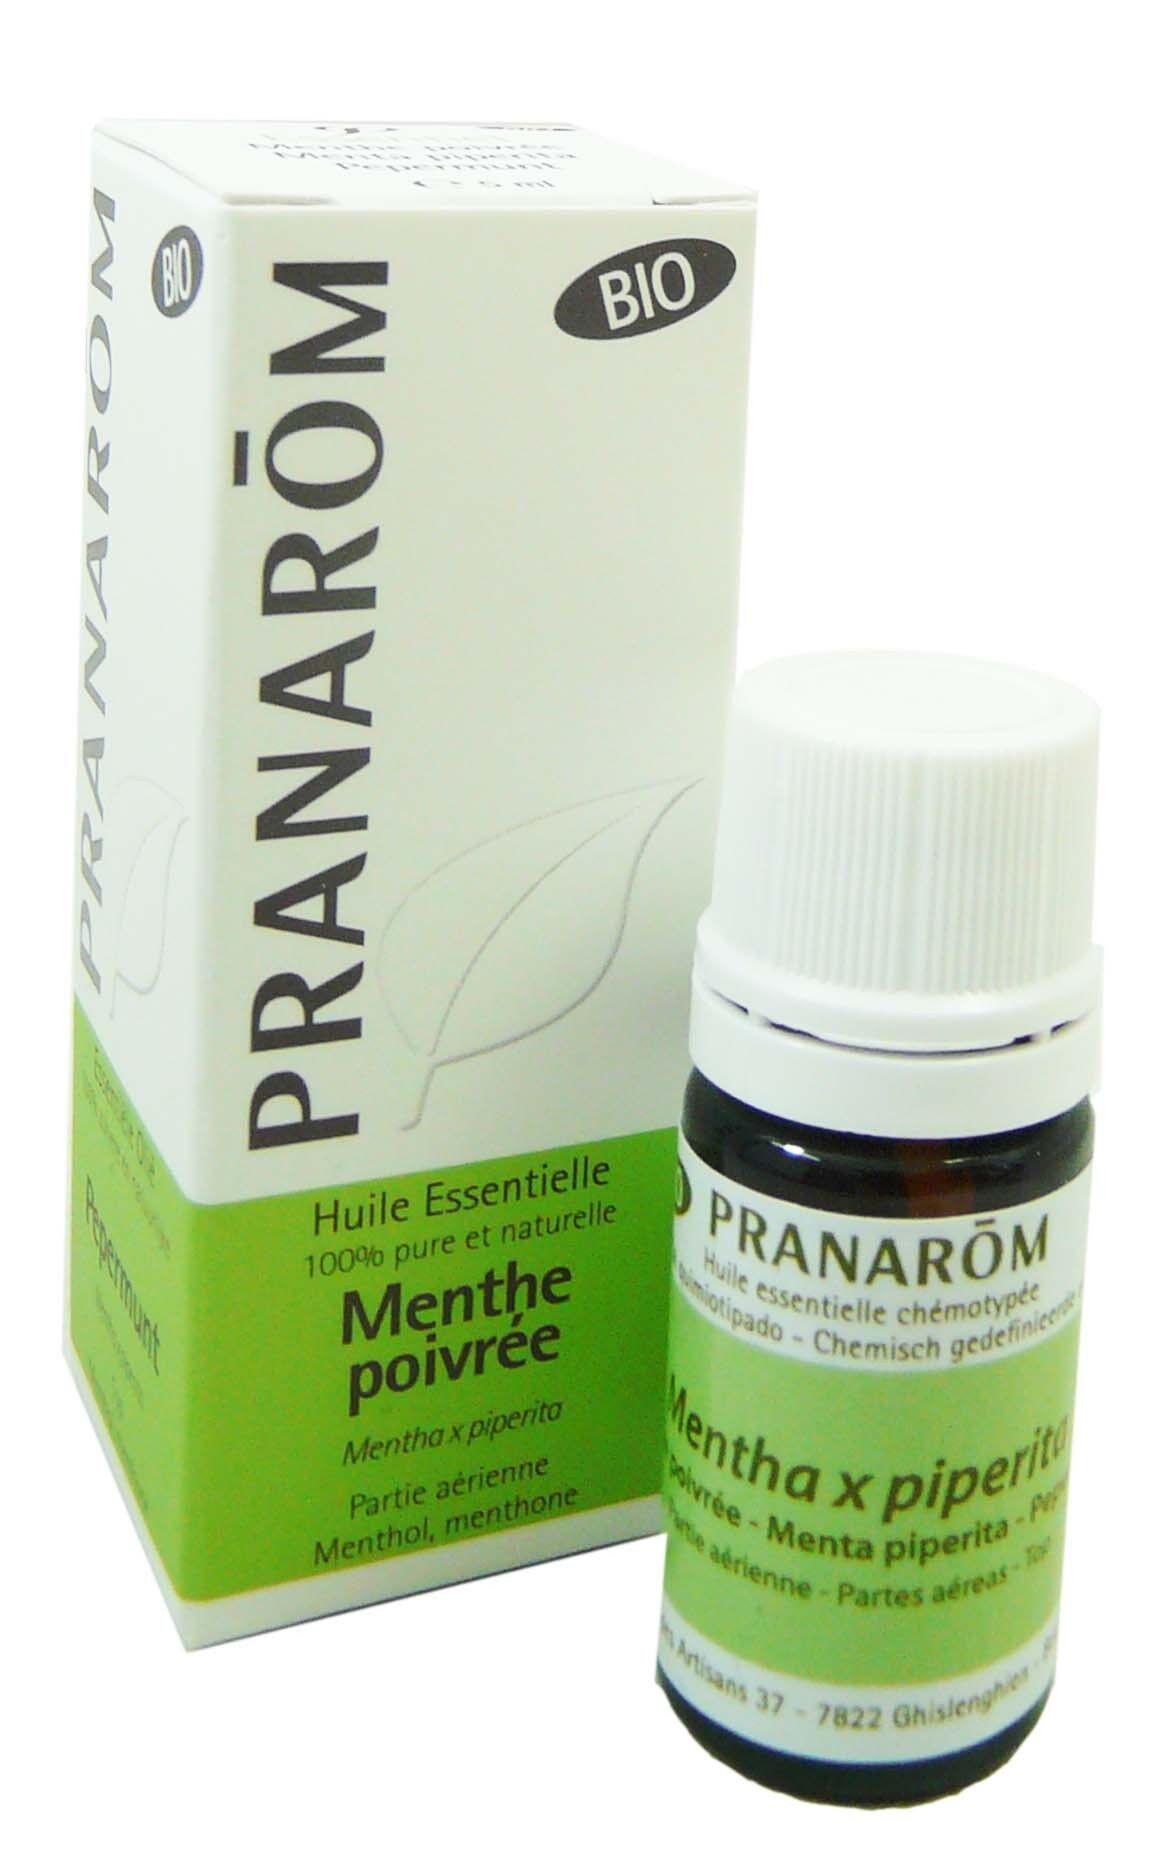 Pranarom huile essentielle bio menthe poivree 5ml